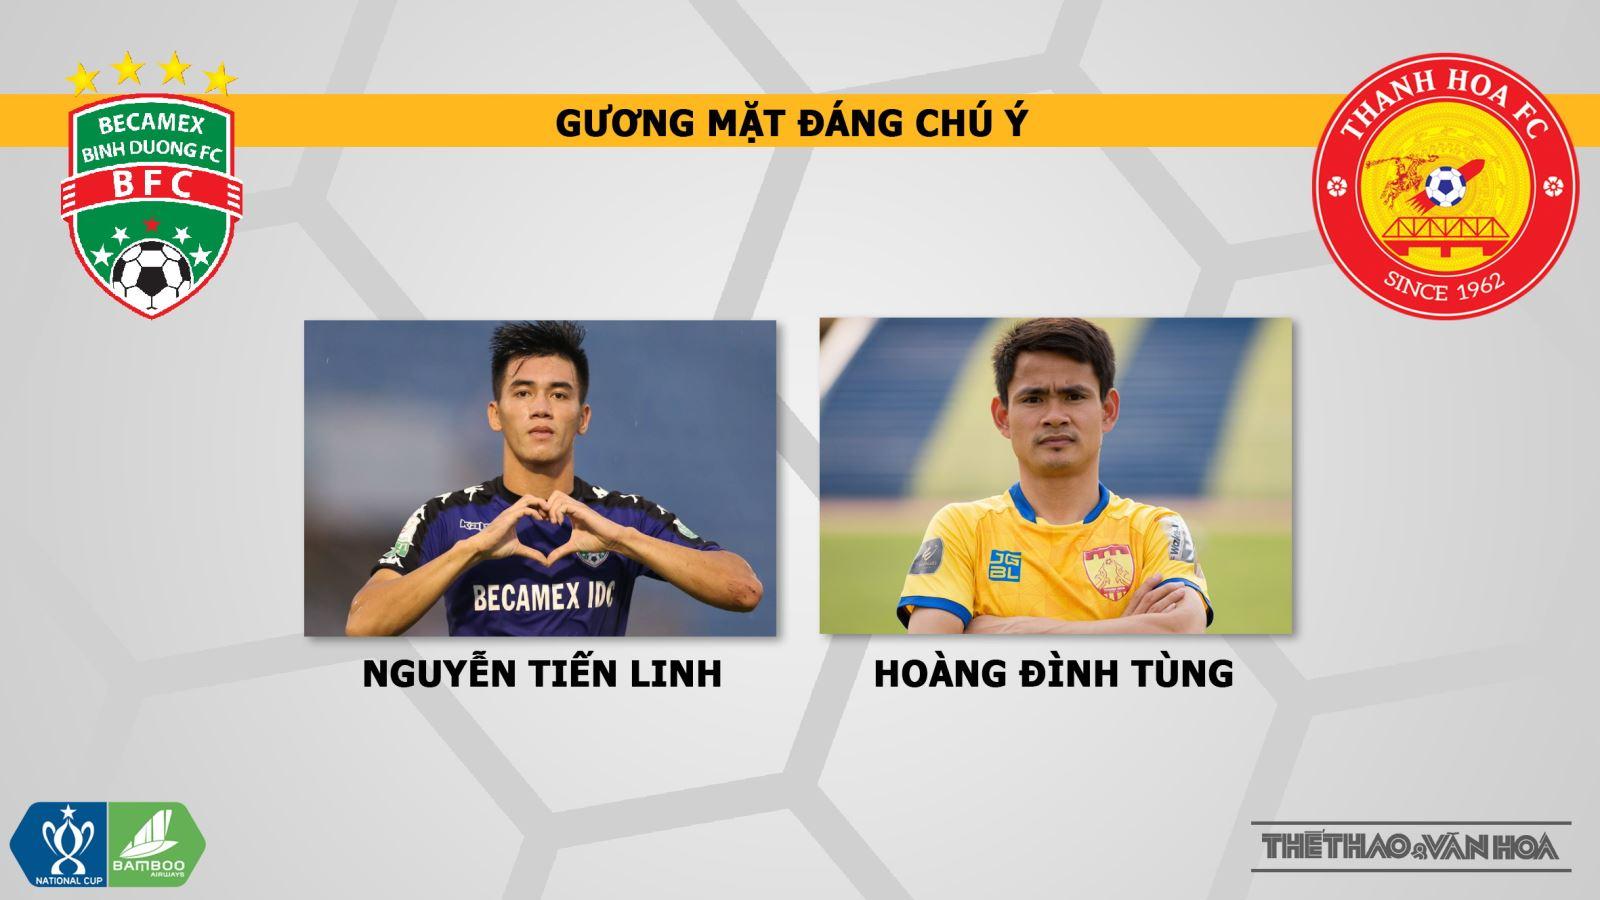 Becamex Bình Dương đấu với Thanh Hóa, Bình Dương vs Thanh Hoá, trực tiếp bóng đá Becamex Bình Dương vs Thanh Hóa, nhận định Becamex Bình Dương đấu với Thanh Hóa